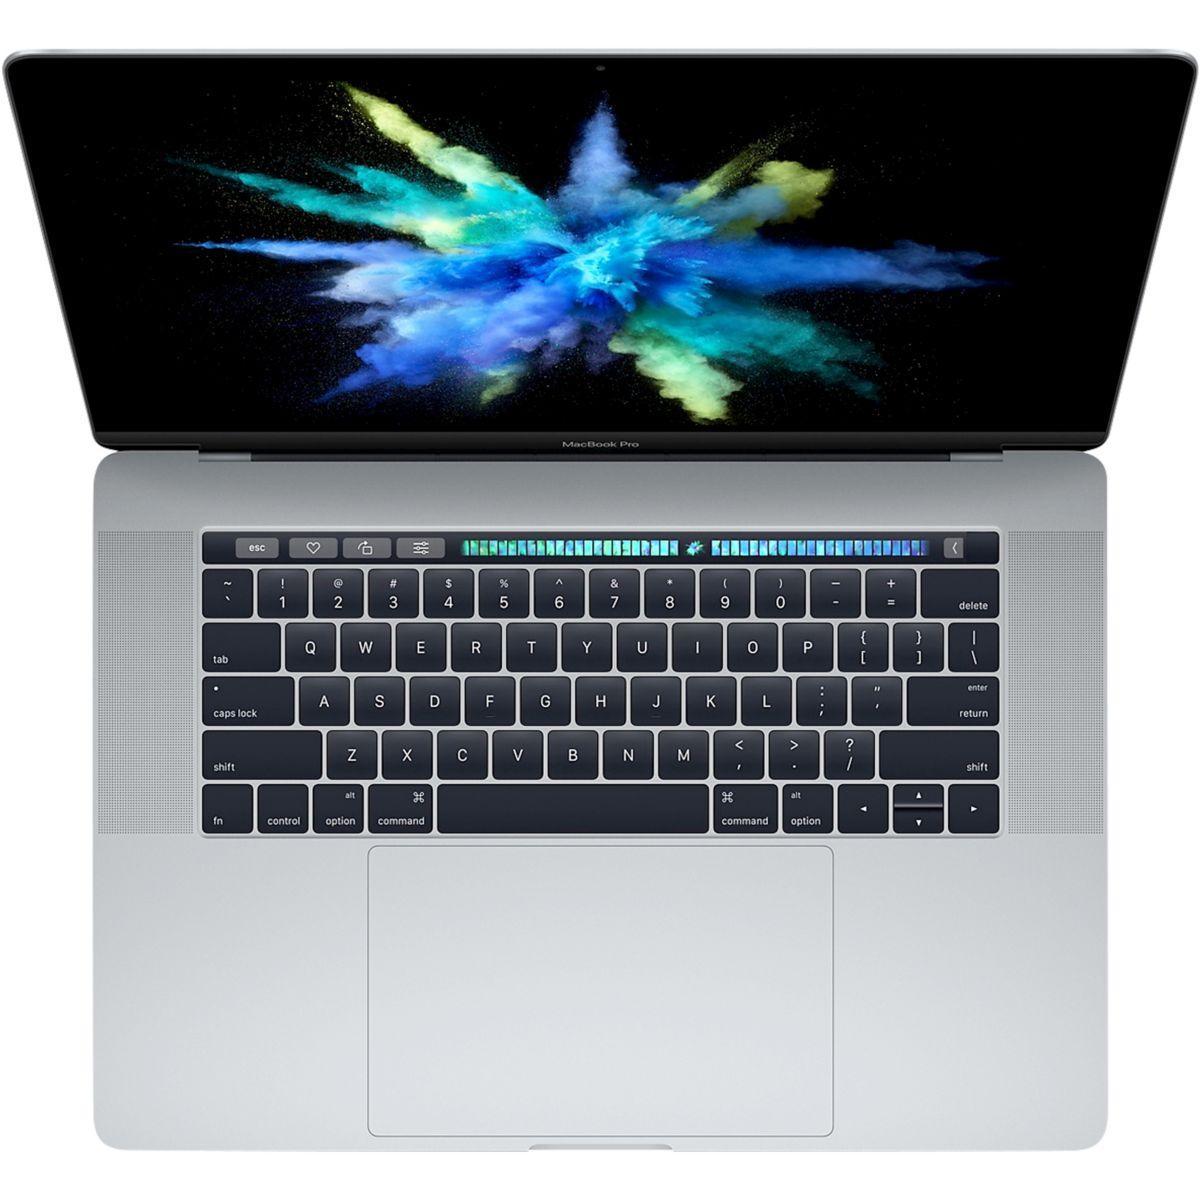 Ordinateur apple macbook pro new 15p touch bar i7 512go gris s - livraison offerte : code premium (photo)